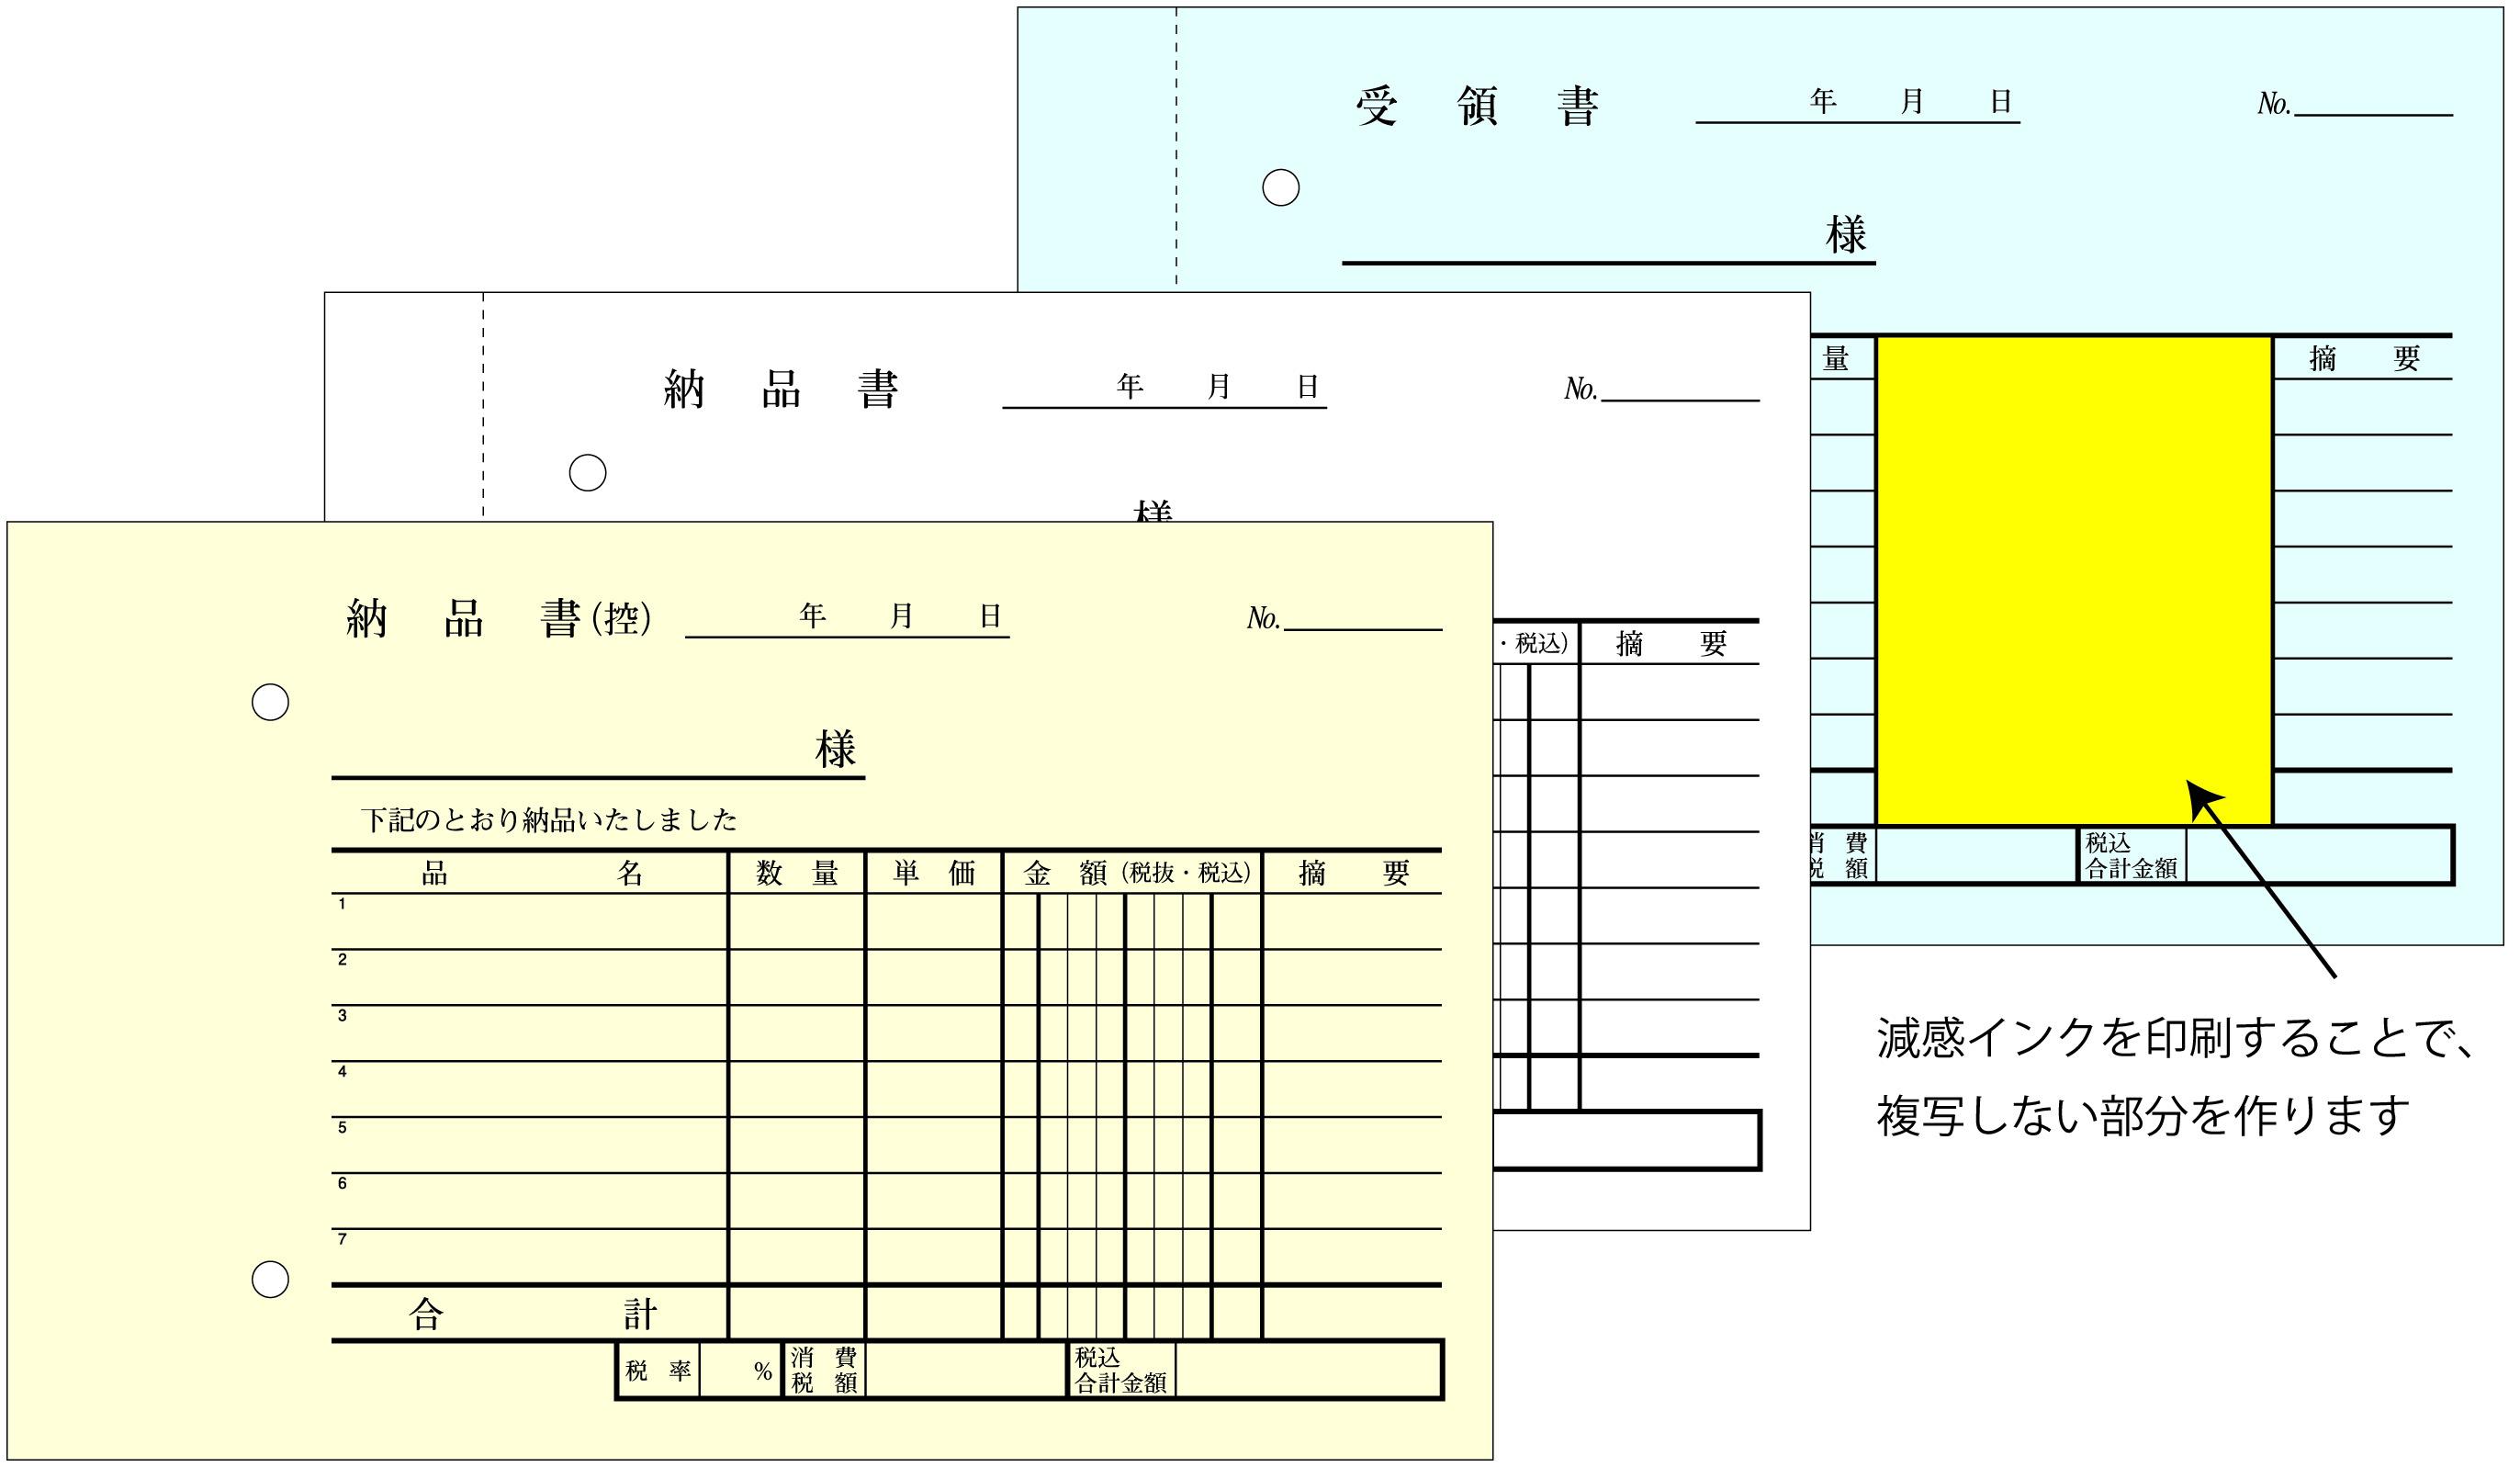 減感印刷について | 連続複写伝票などの伝票印刷